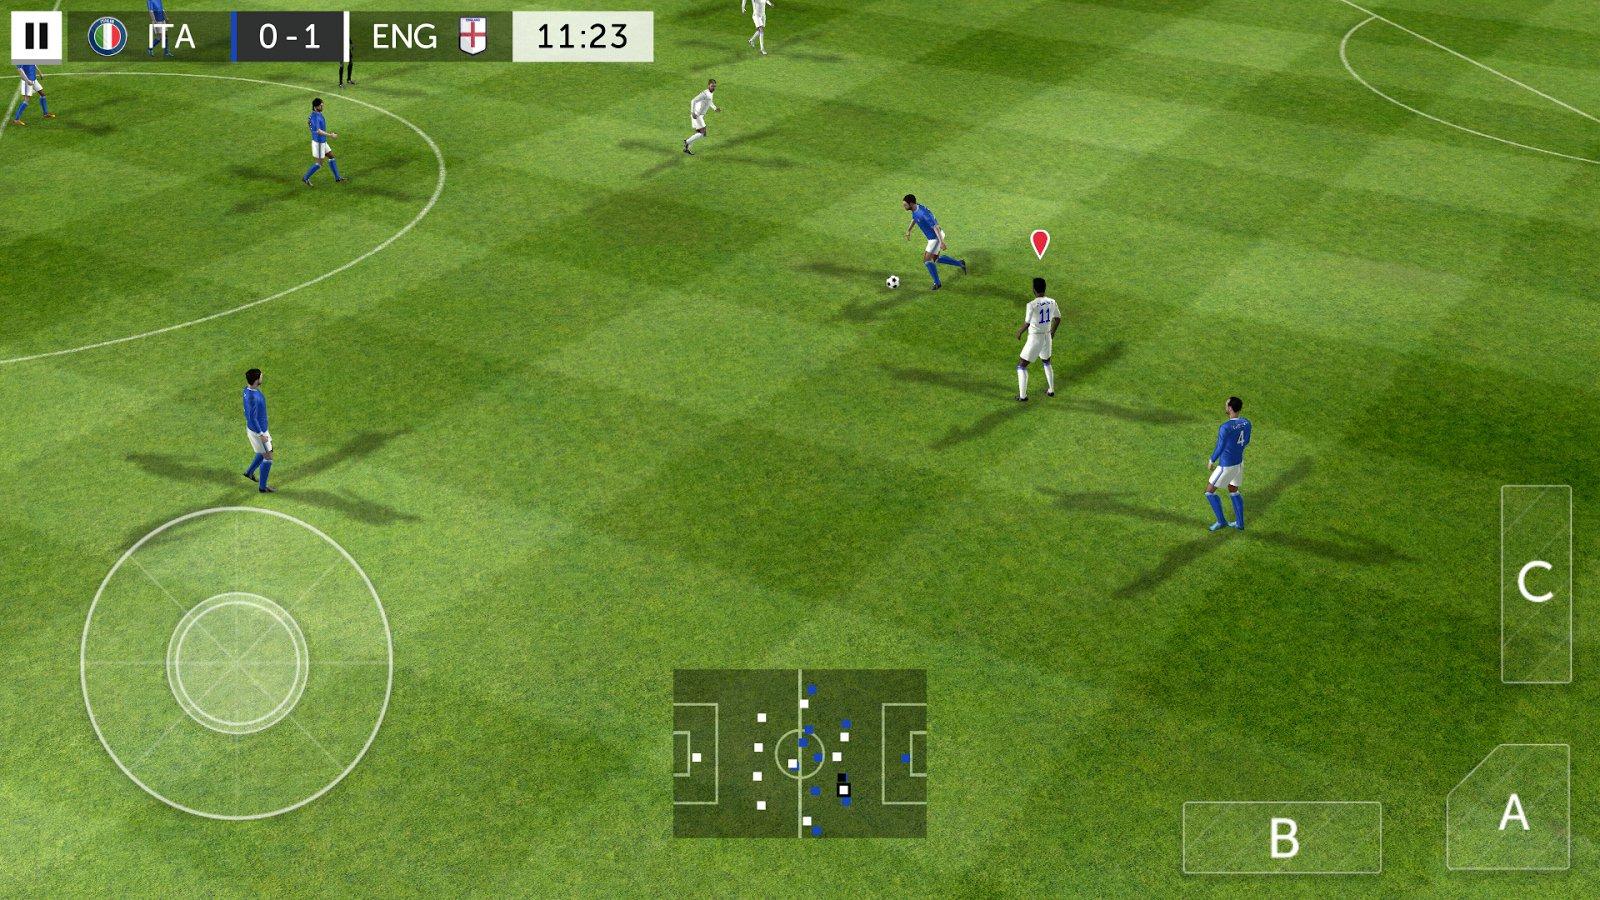 First Touch Soccer 2015 2.09 - Télécharger Pour Android Apk serapportantà Jeux Foot Tablette